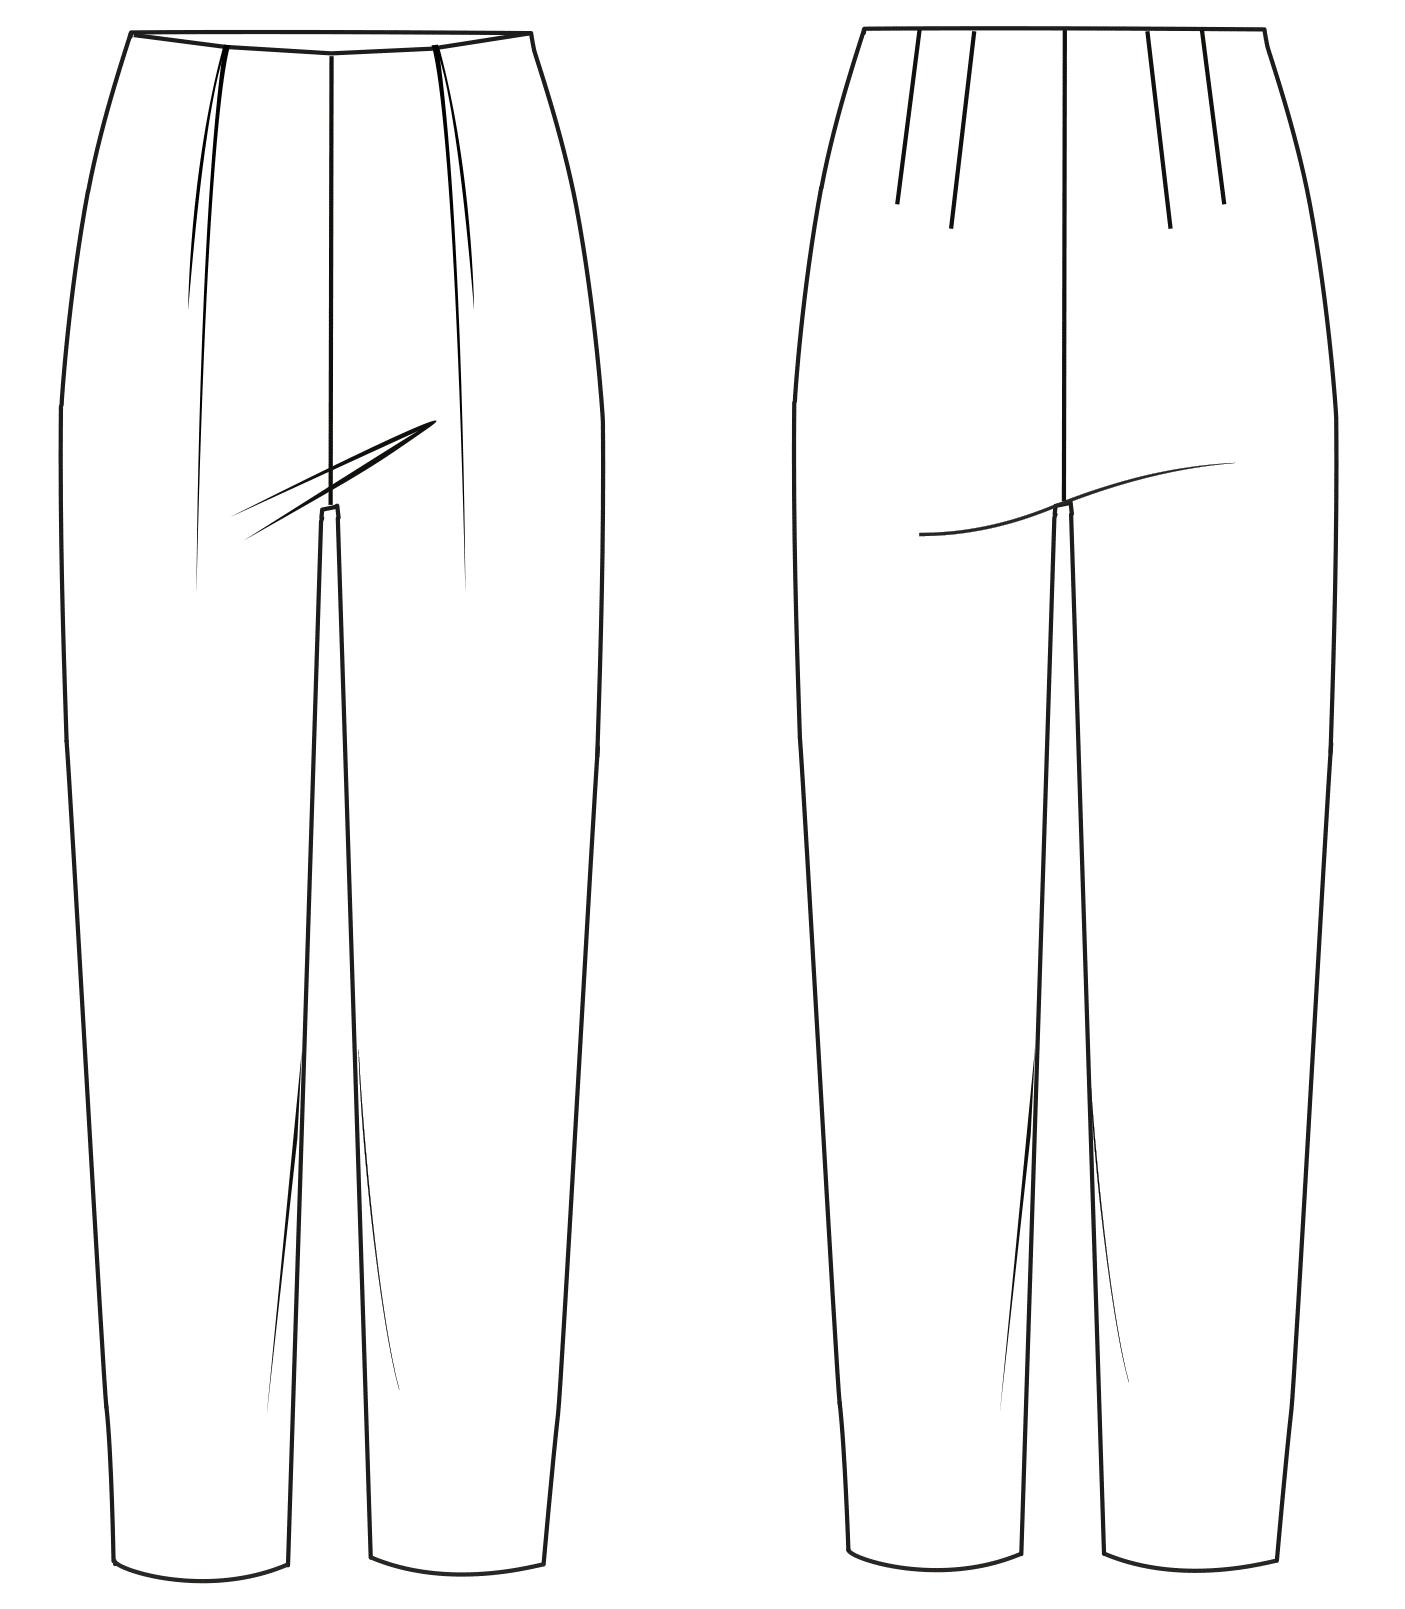 Diese Abbildung zeigt die Vorder- und Rückansicht einer technischen Zeichnung von einer Hose. Sie dient als Vorlage für ein Schnittmuster auf einem Schnittmusterbogen von Müller und Sohn.